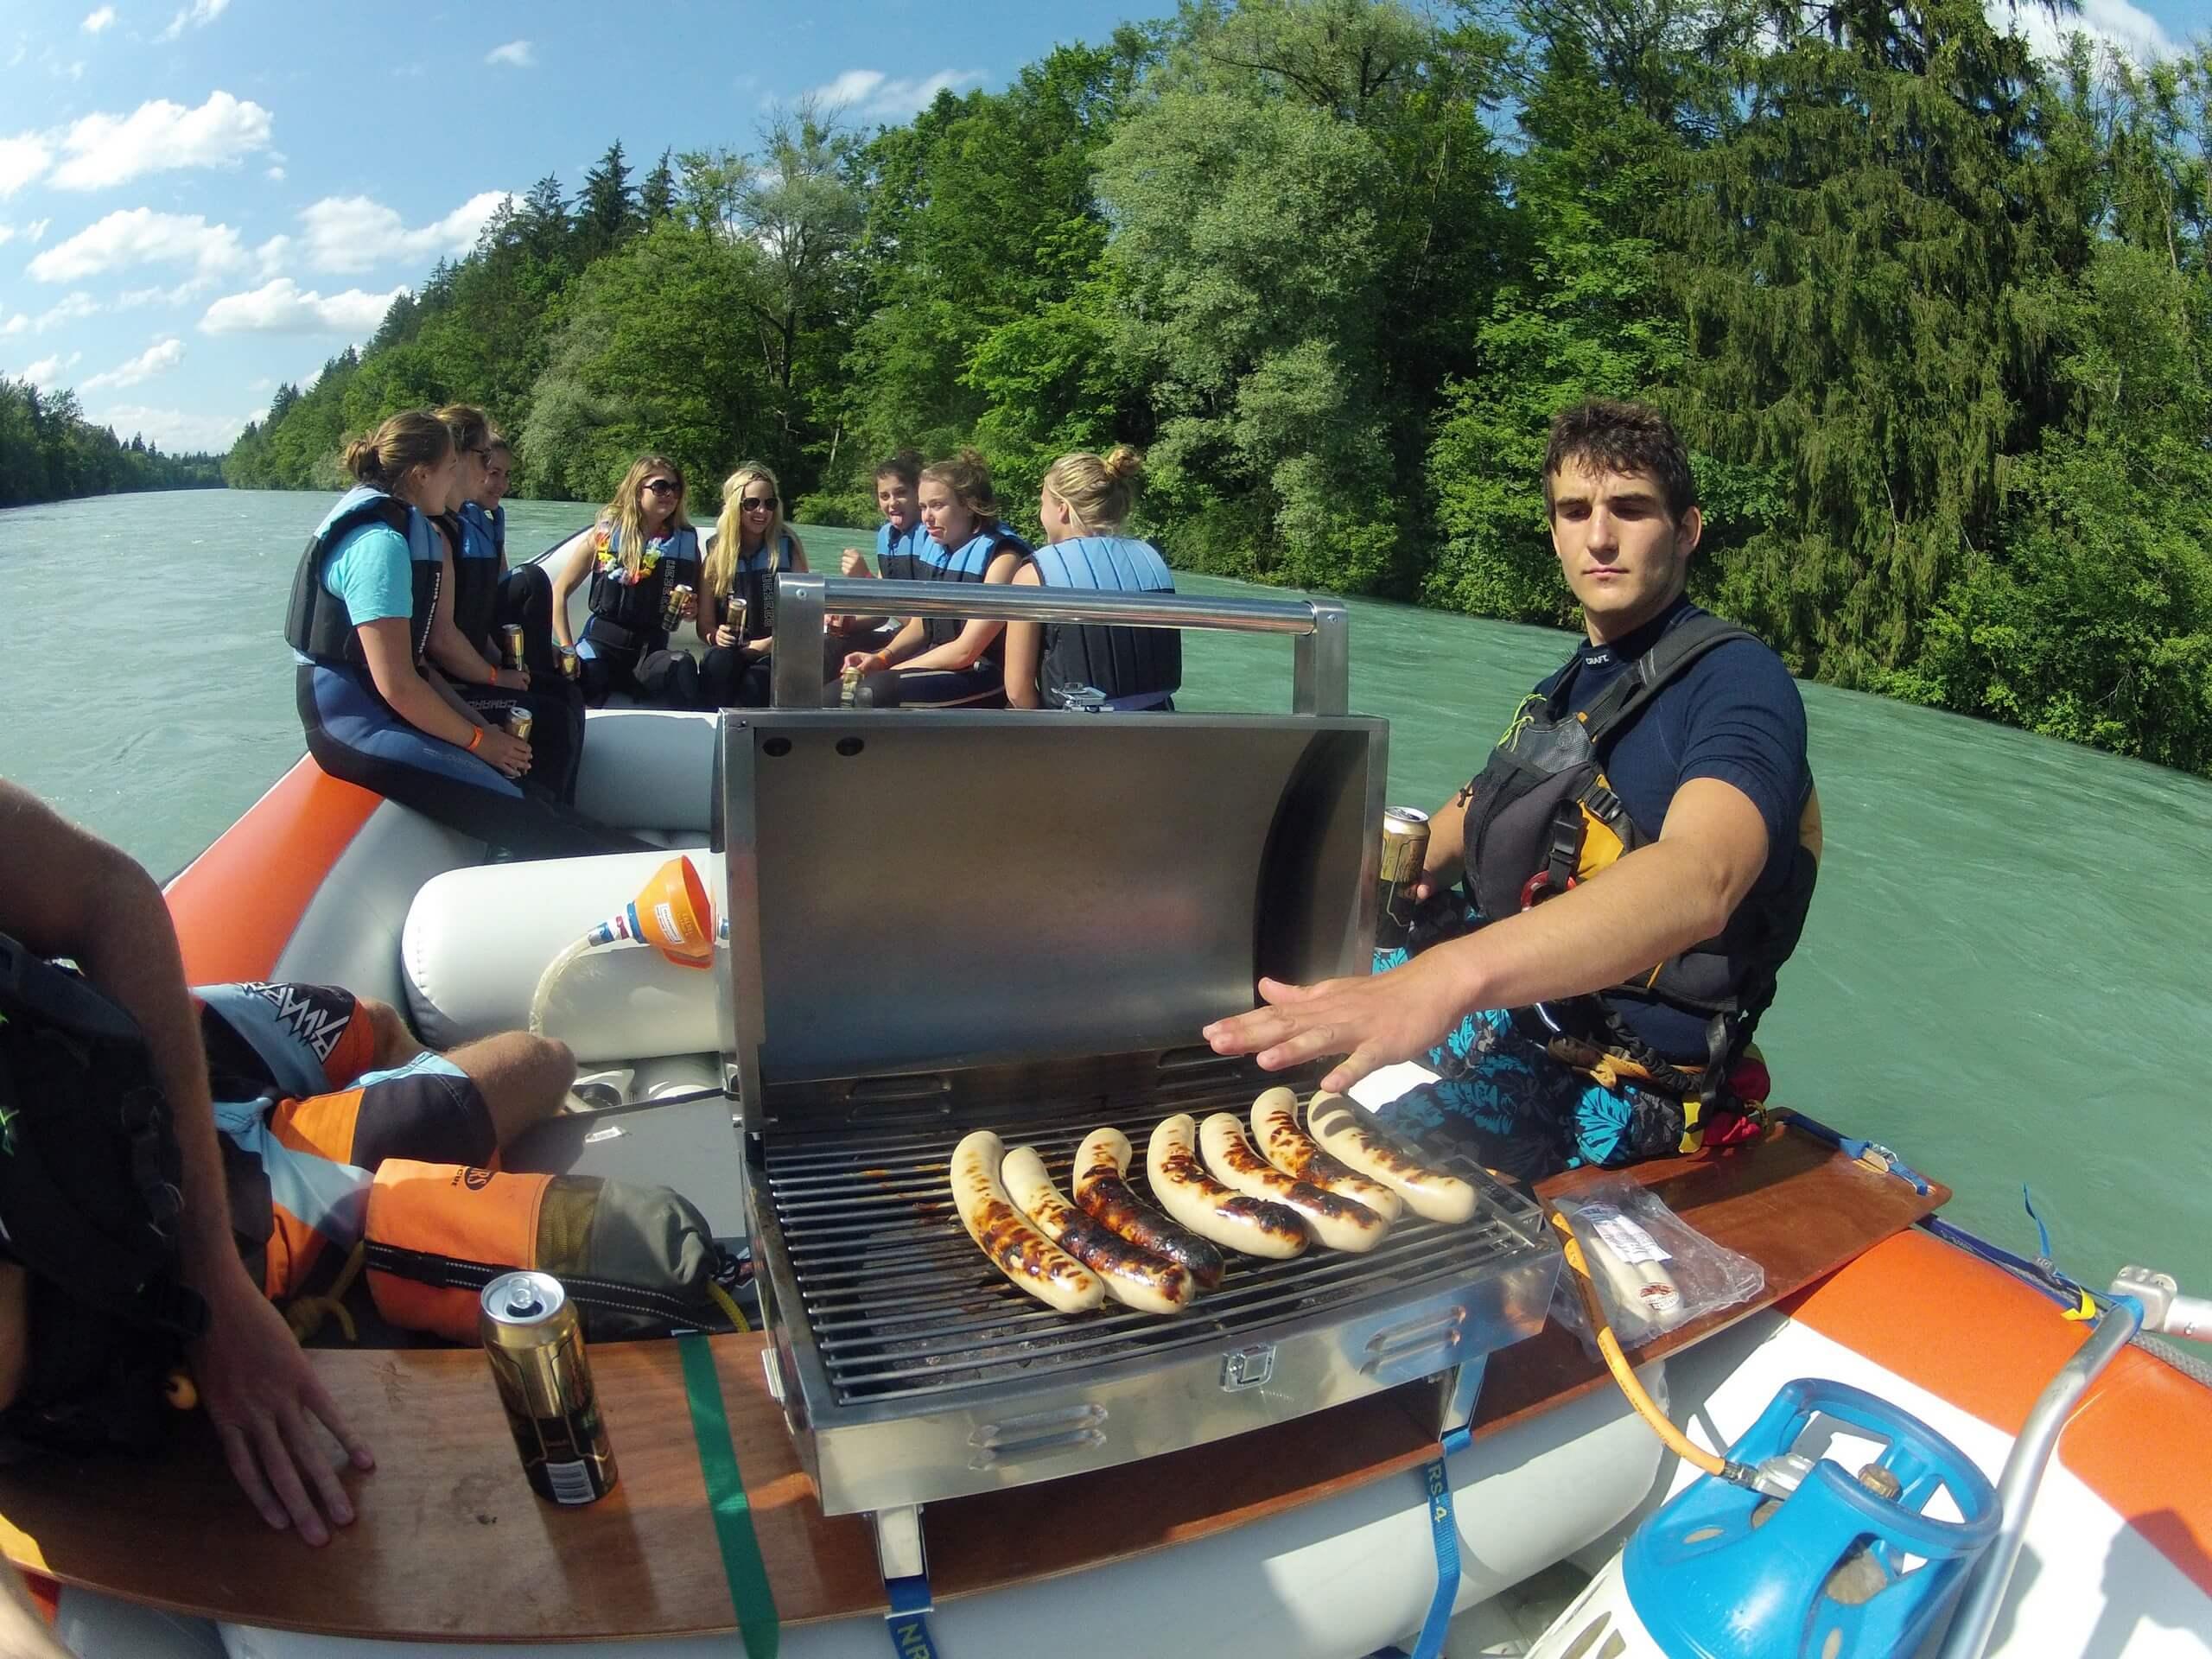 schlauchboot-aare-barbecue-outdoor-interlaken-sommer-thun-bern